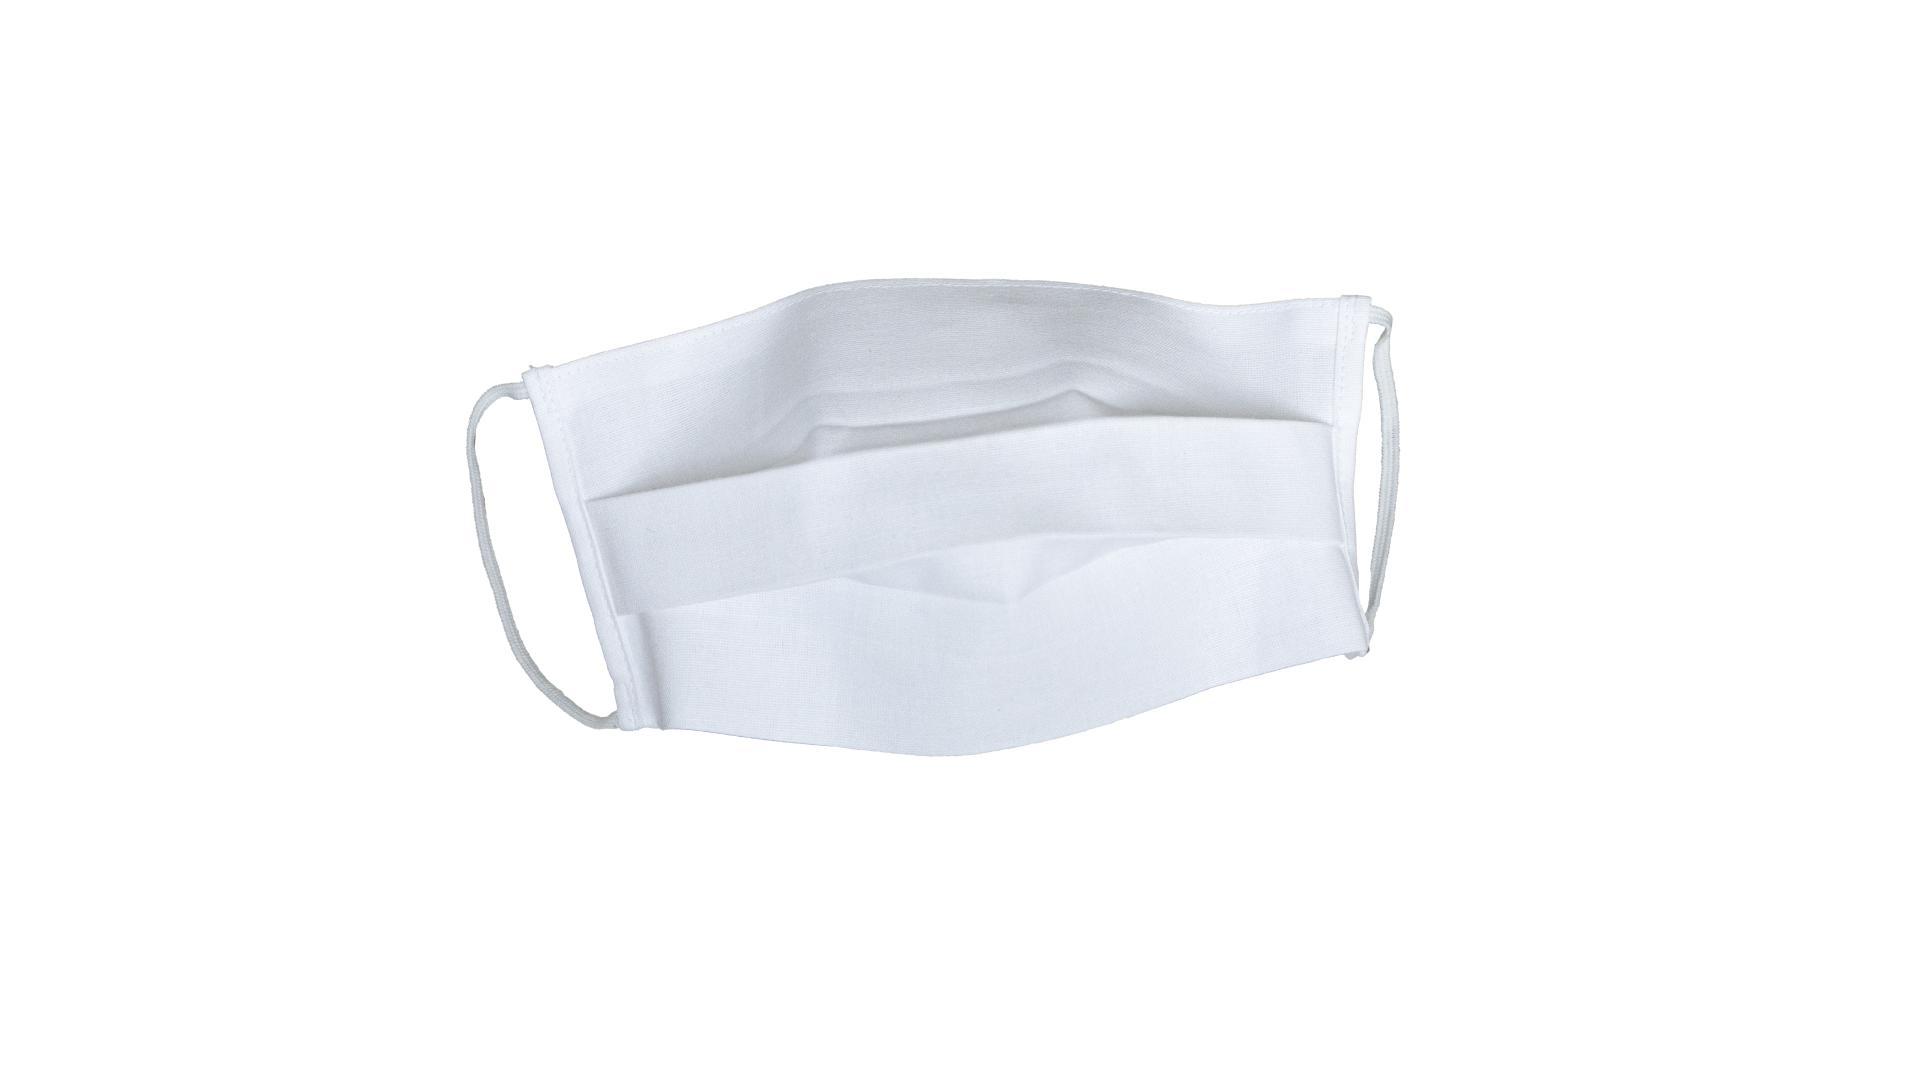 4CARS Dvouvrstvé ochranné bavlněné rouško bílé s gumičkou 3ks - menší